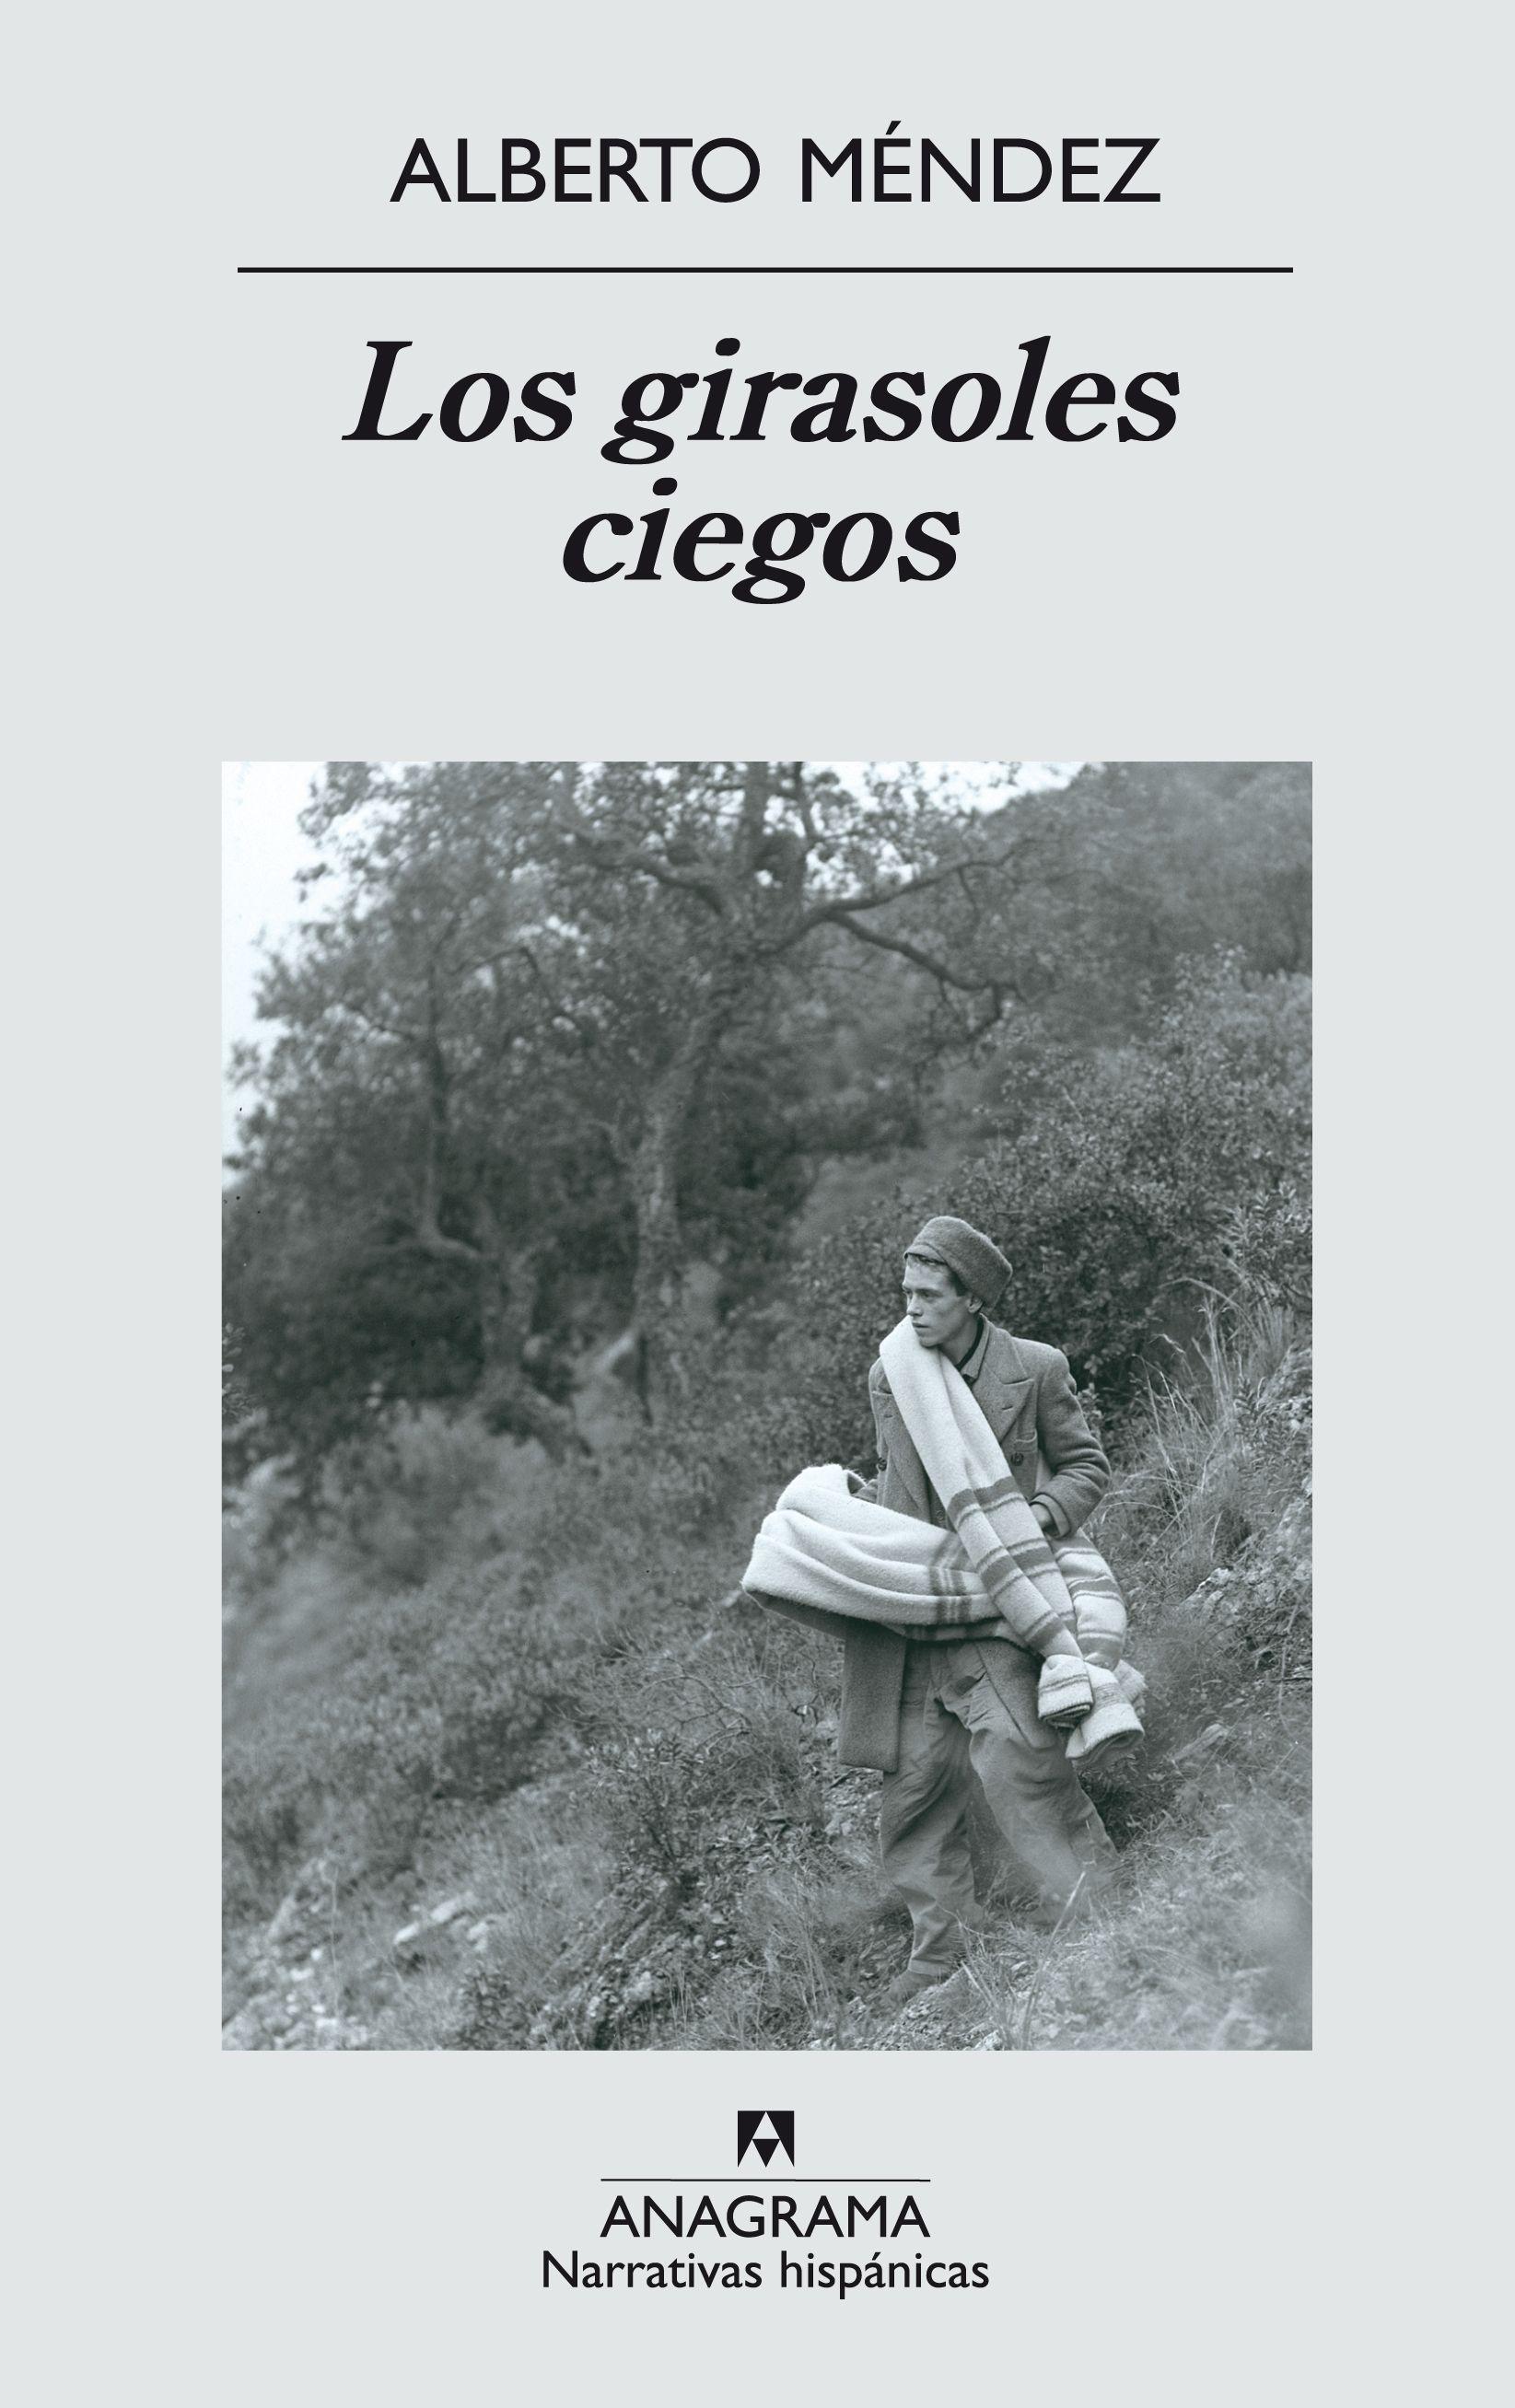 Los Girasoles Ciegos Premio Nacional Narrativa 2005 26ª Ed Alberto Mendez 9788433968555 Comprar El L Girasoles Ciegos Imagenes De Girasoles Girasoles